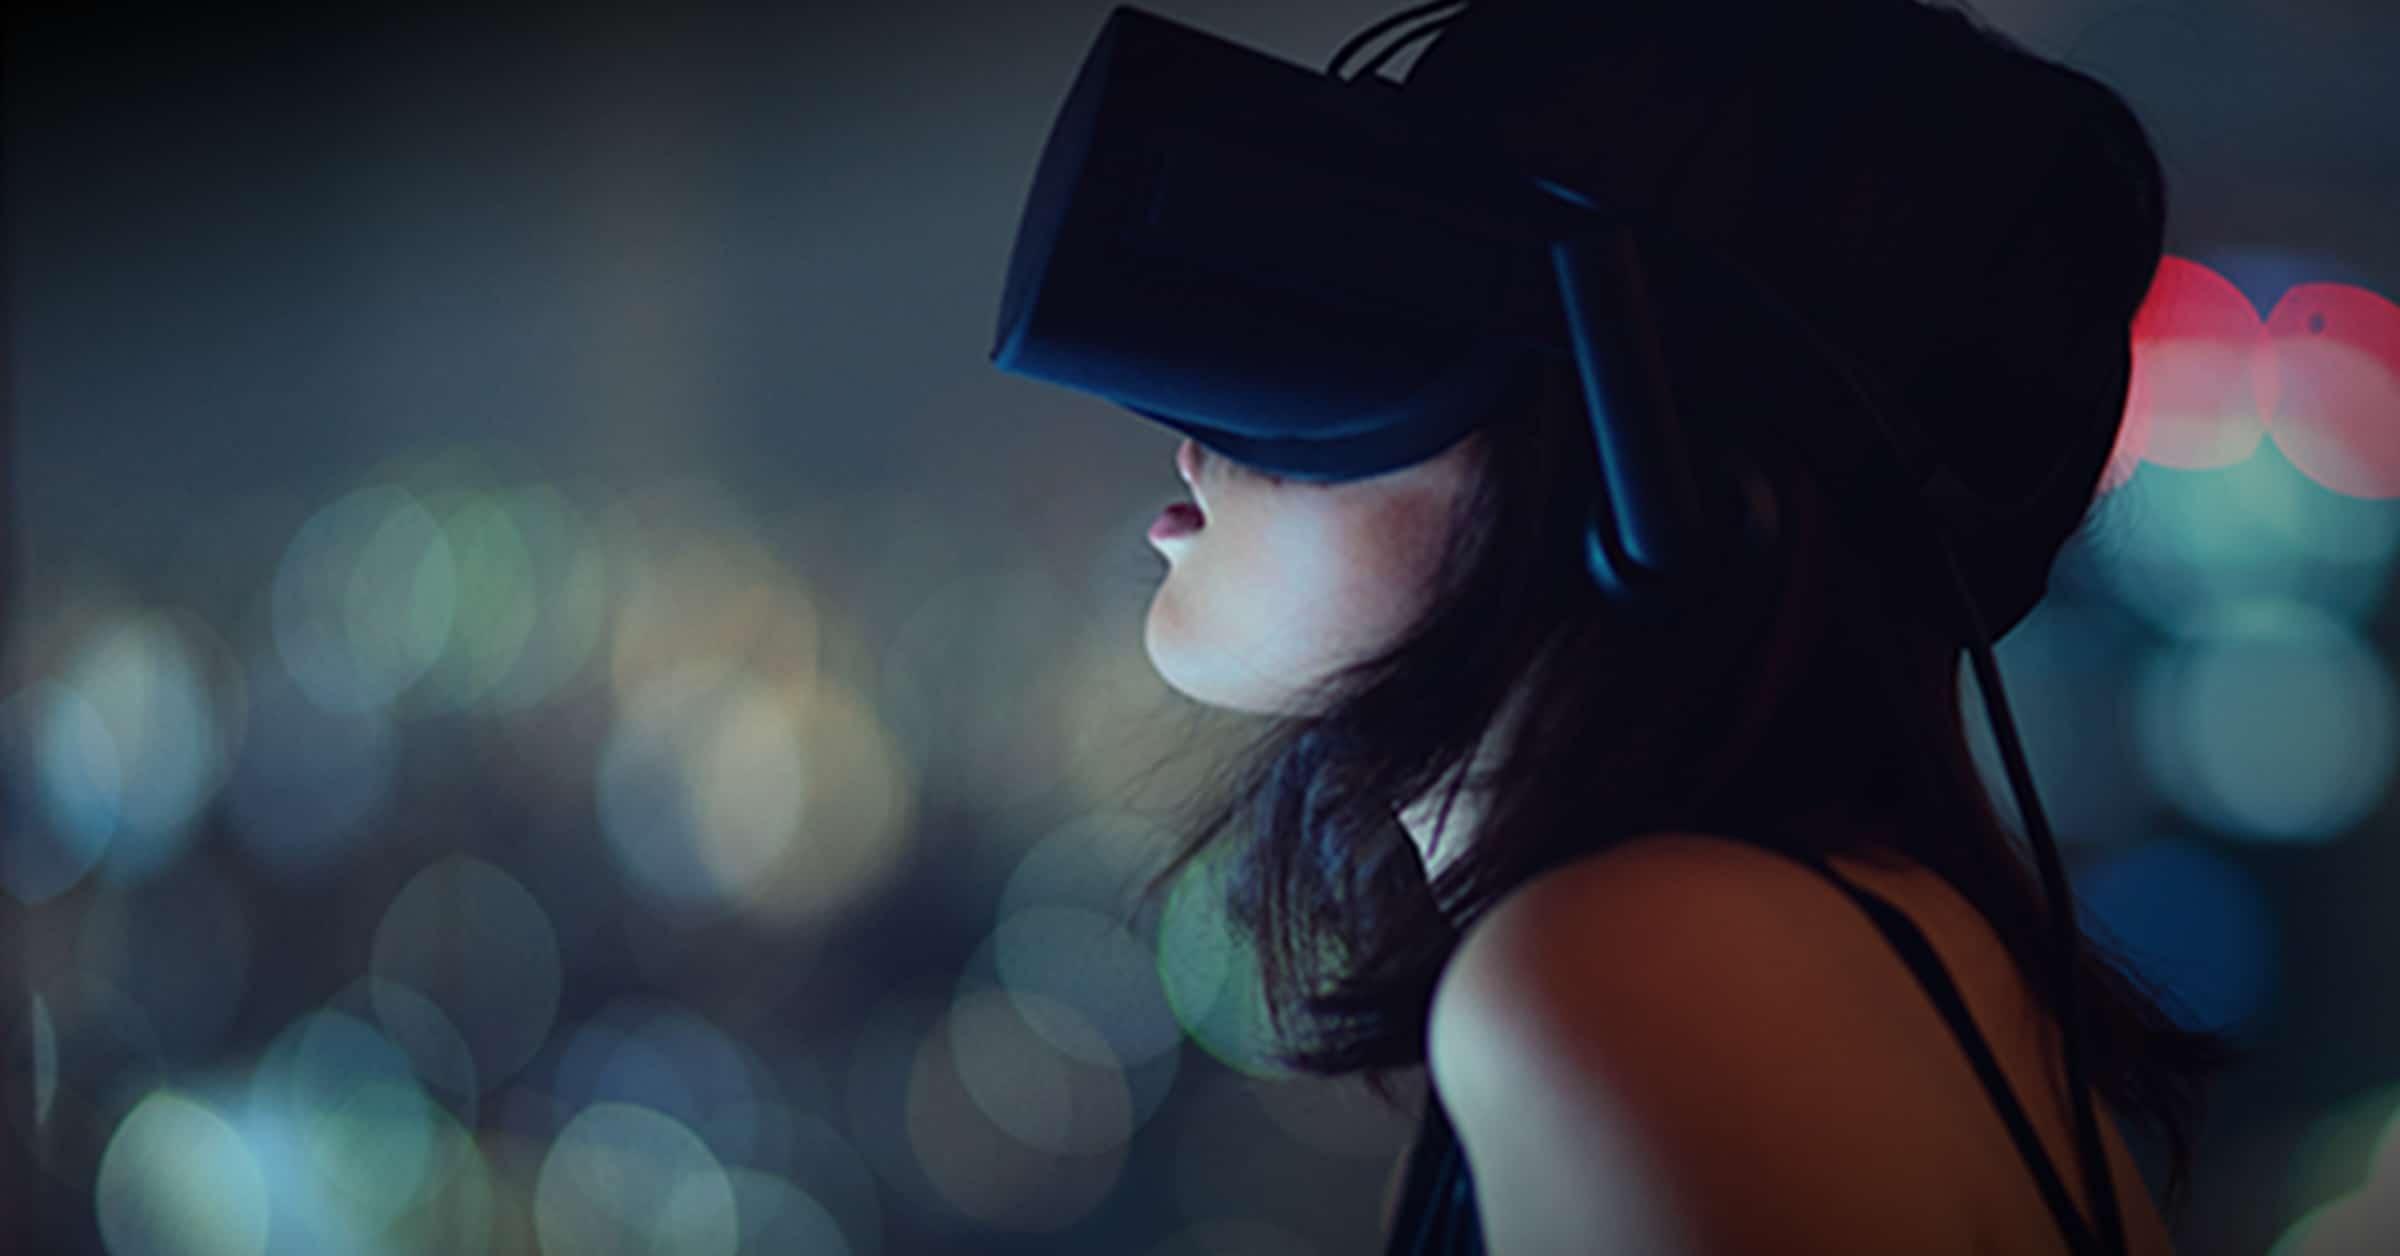 Worldwide VR Revenue Set to Soar, $160 Billion by 2020